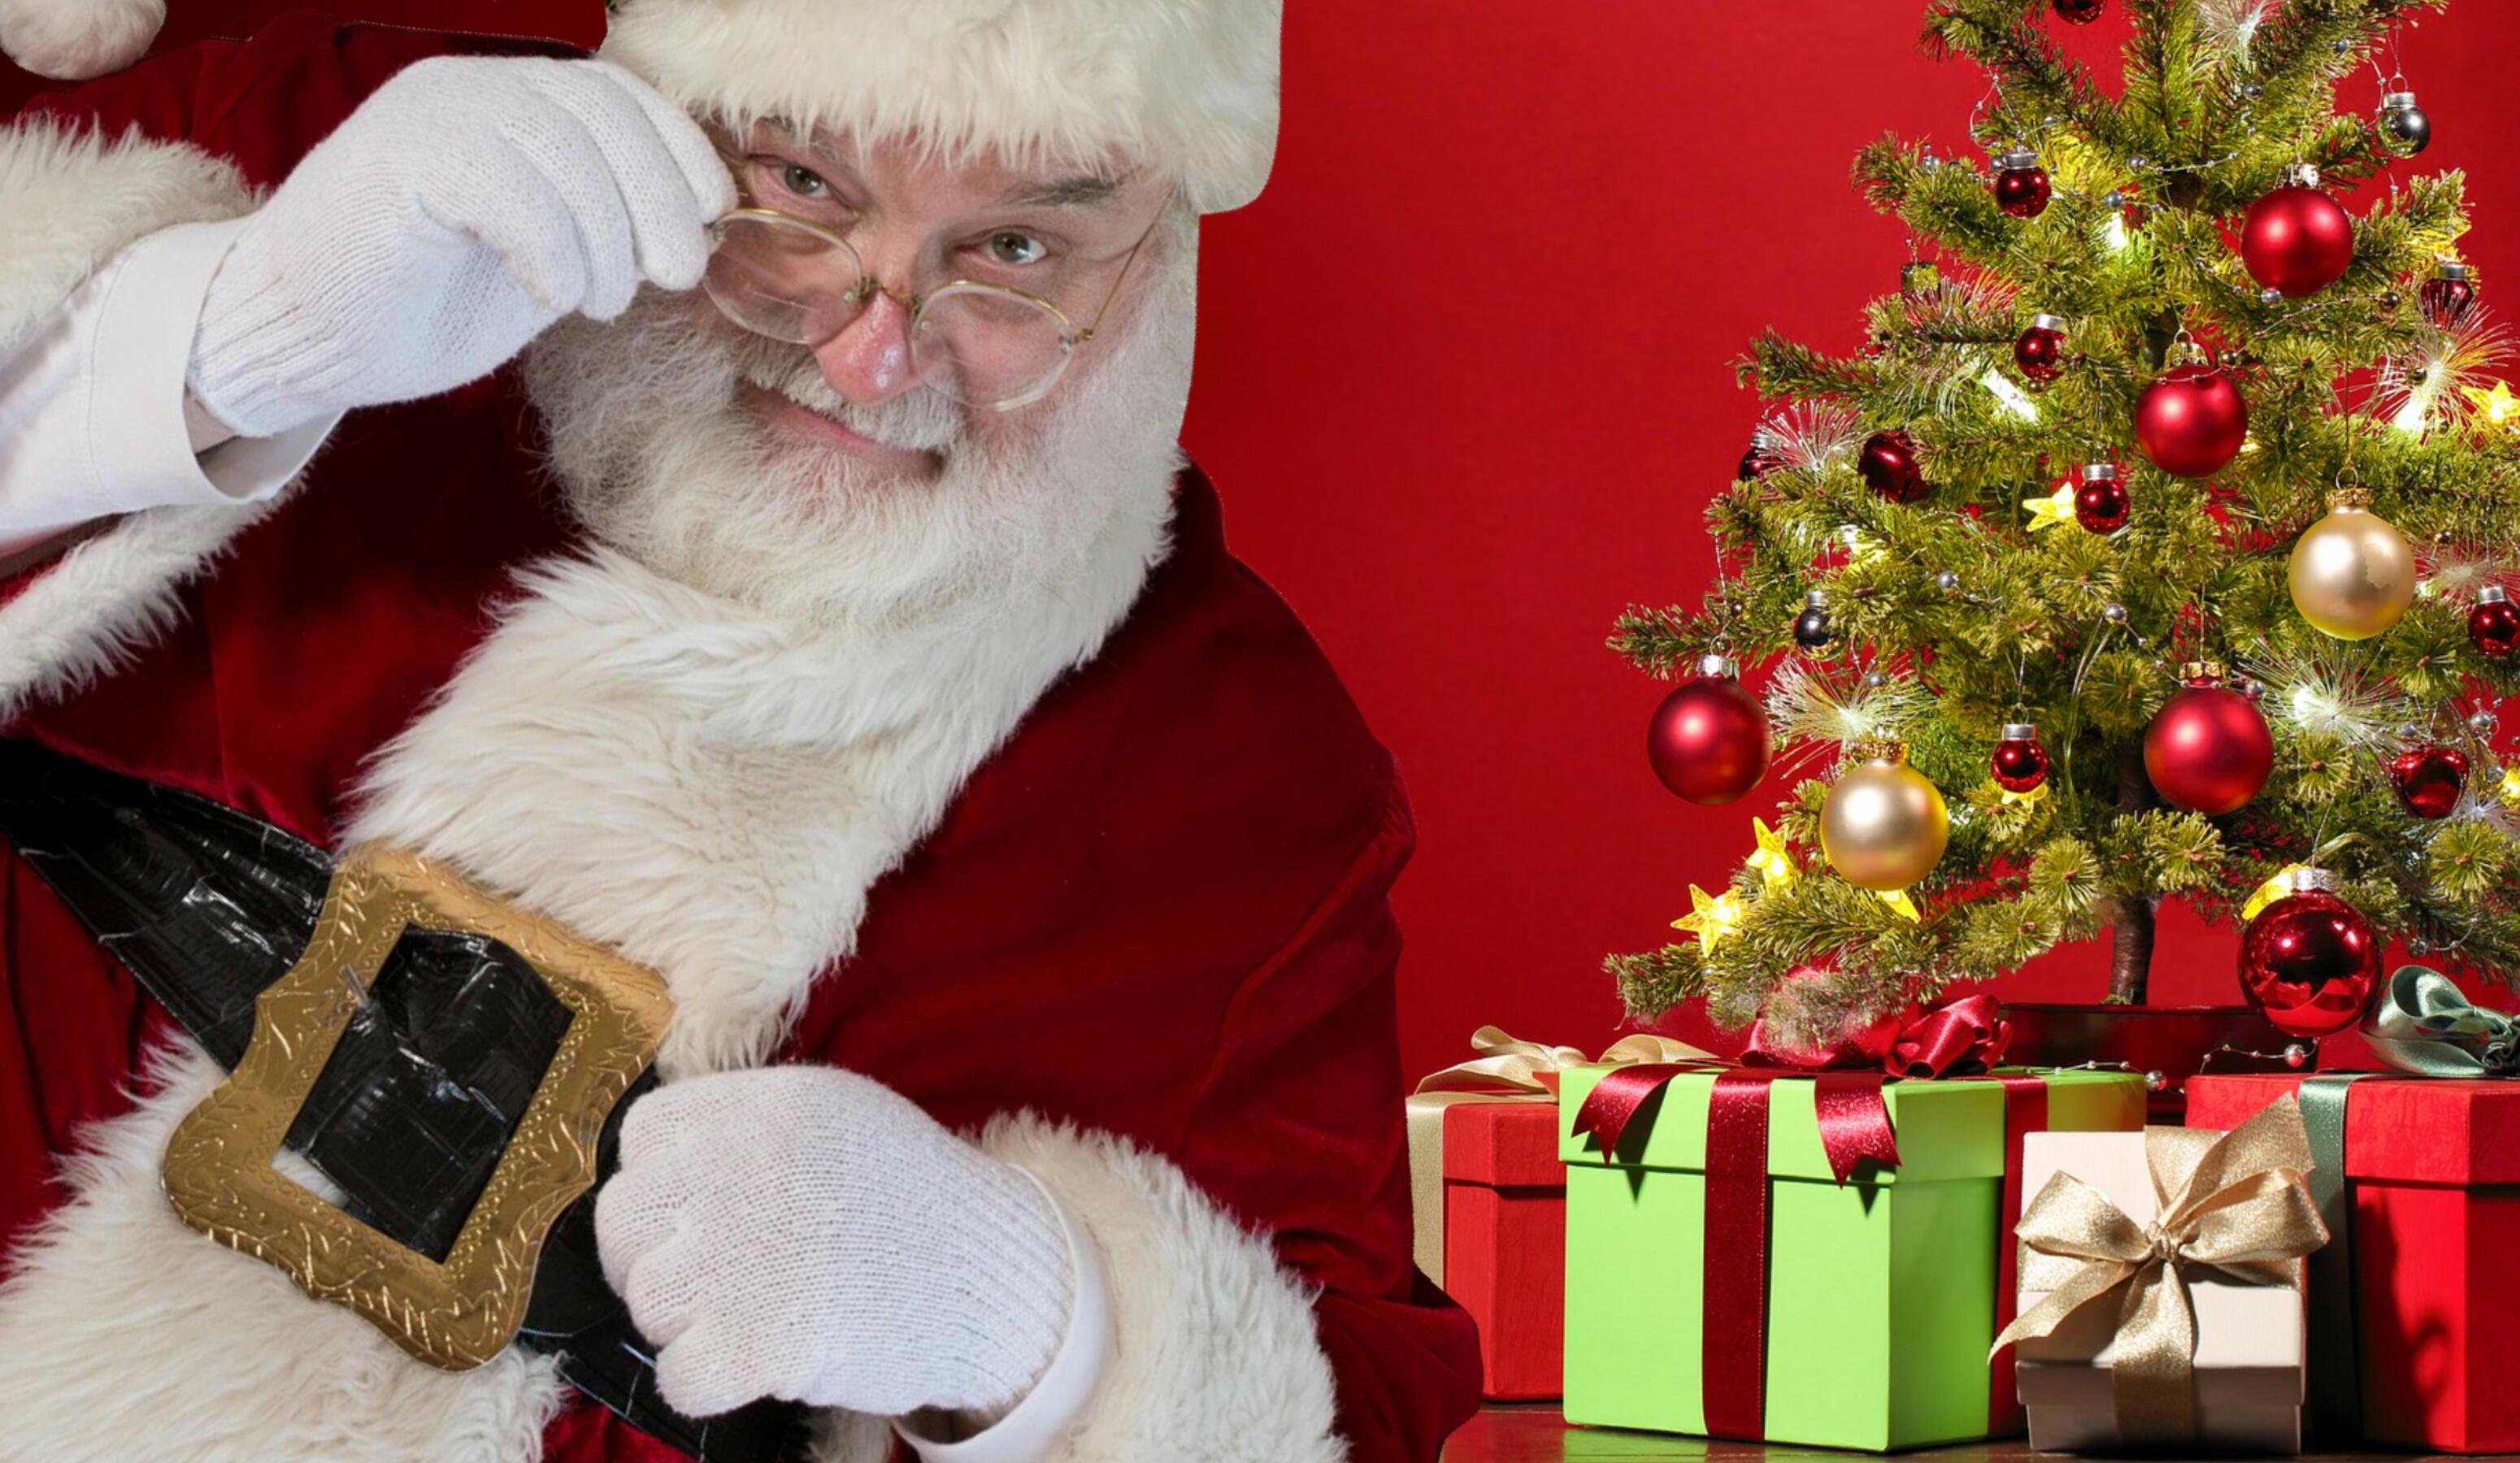 f235ed4ca1 Mikuláš Vianoce vianočný stromček veselý December ozdobiť výzdoba darčeky  Vianoce darčeky prekvapenie vyzerať vianočné dekorácie vianočná